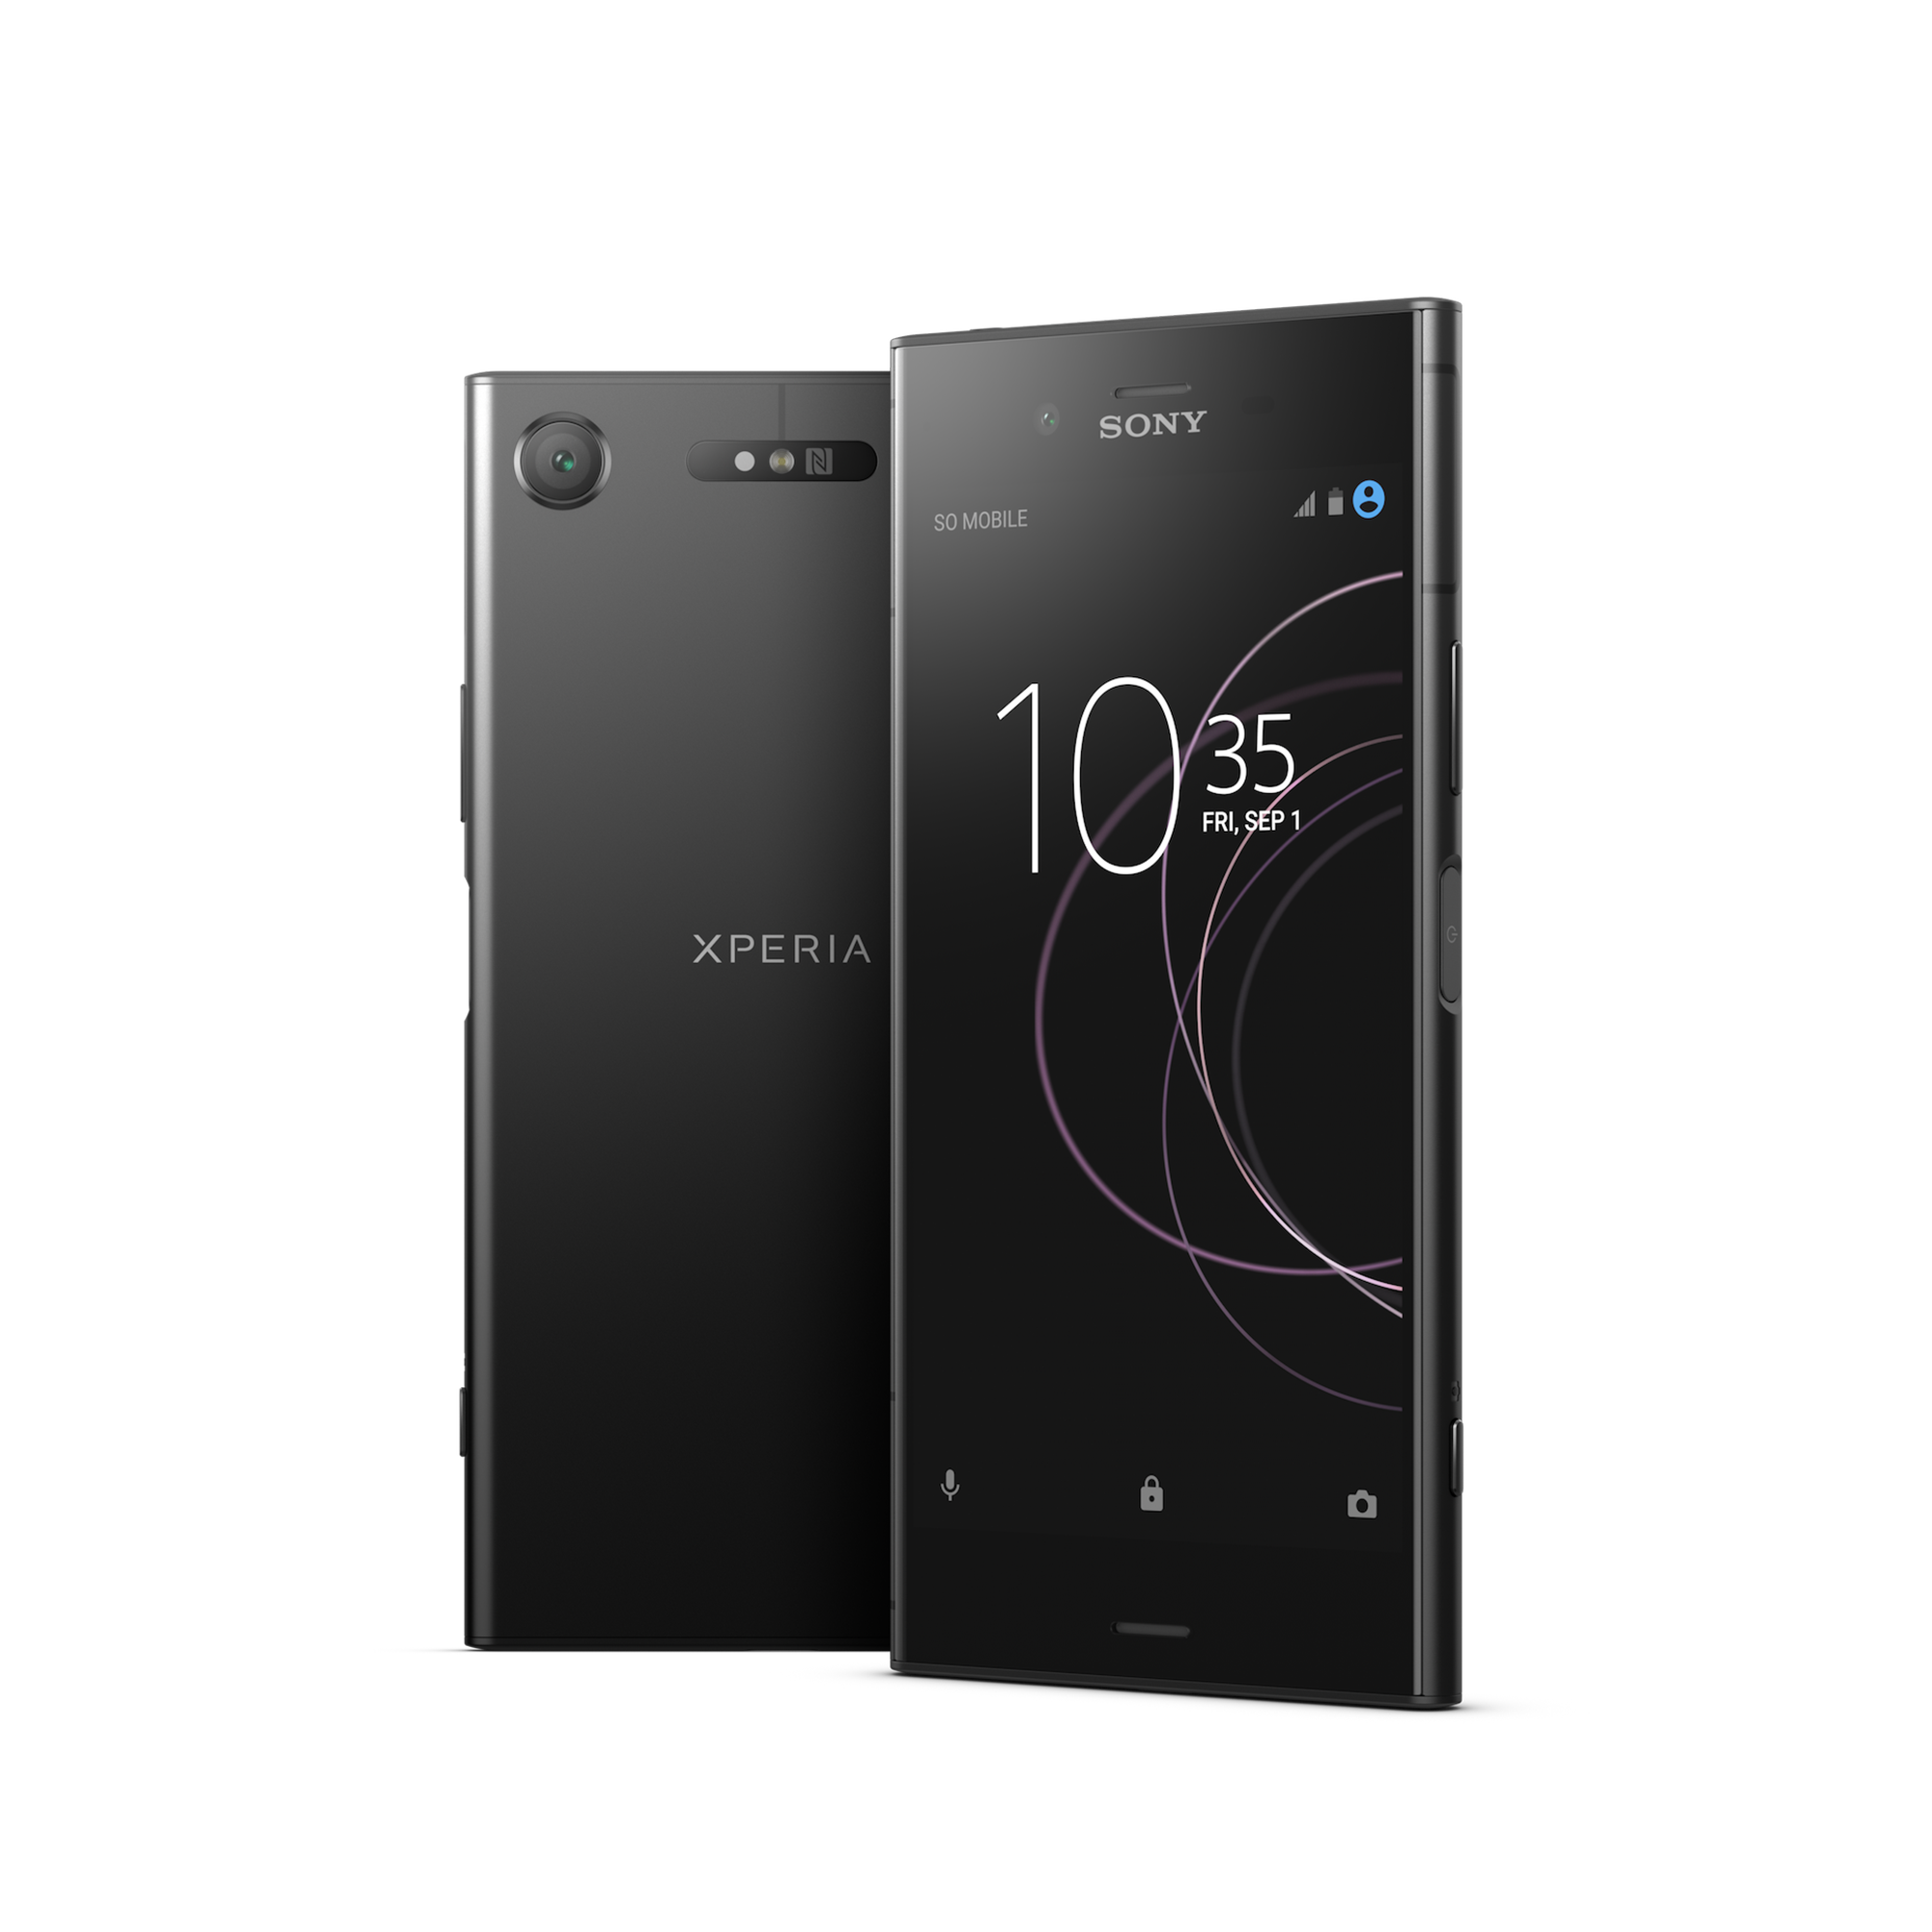 Sony Xperia XZ1 w czerni do kupienia o 200 pln taniej